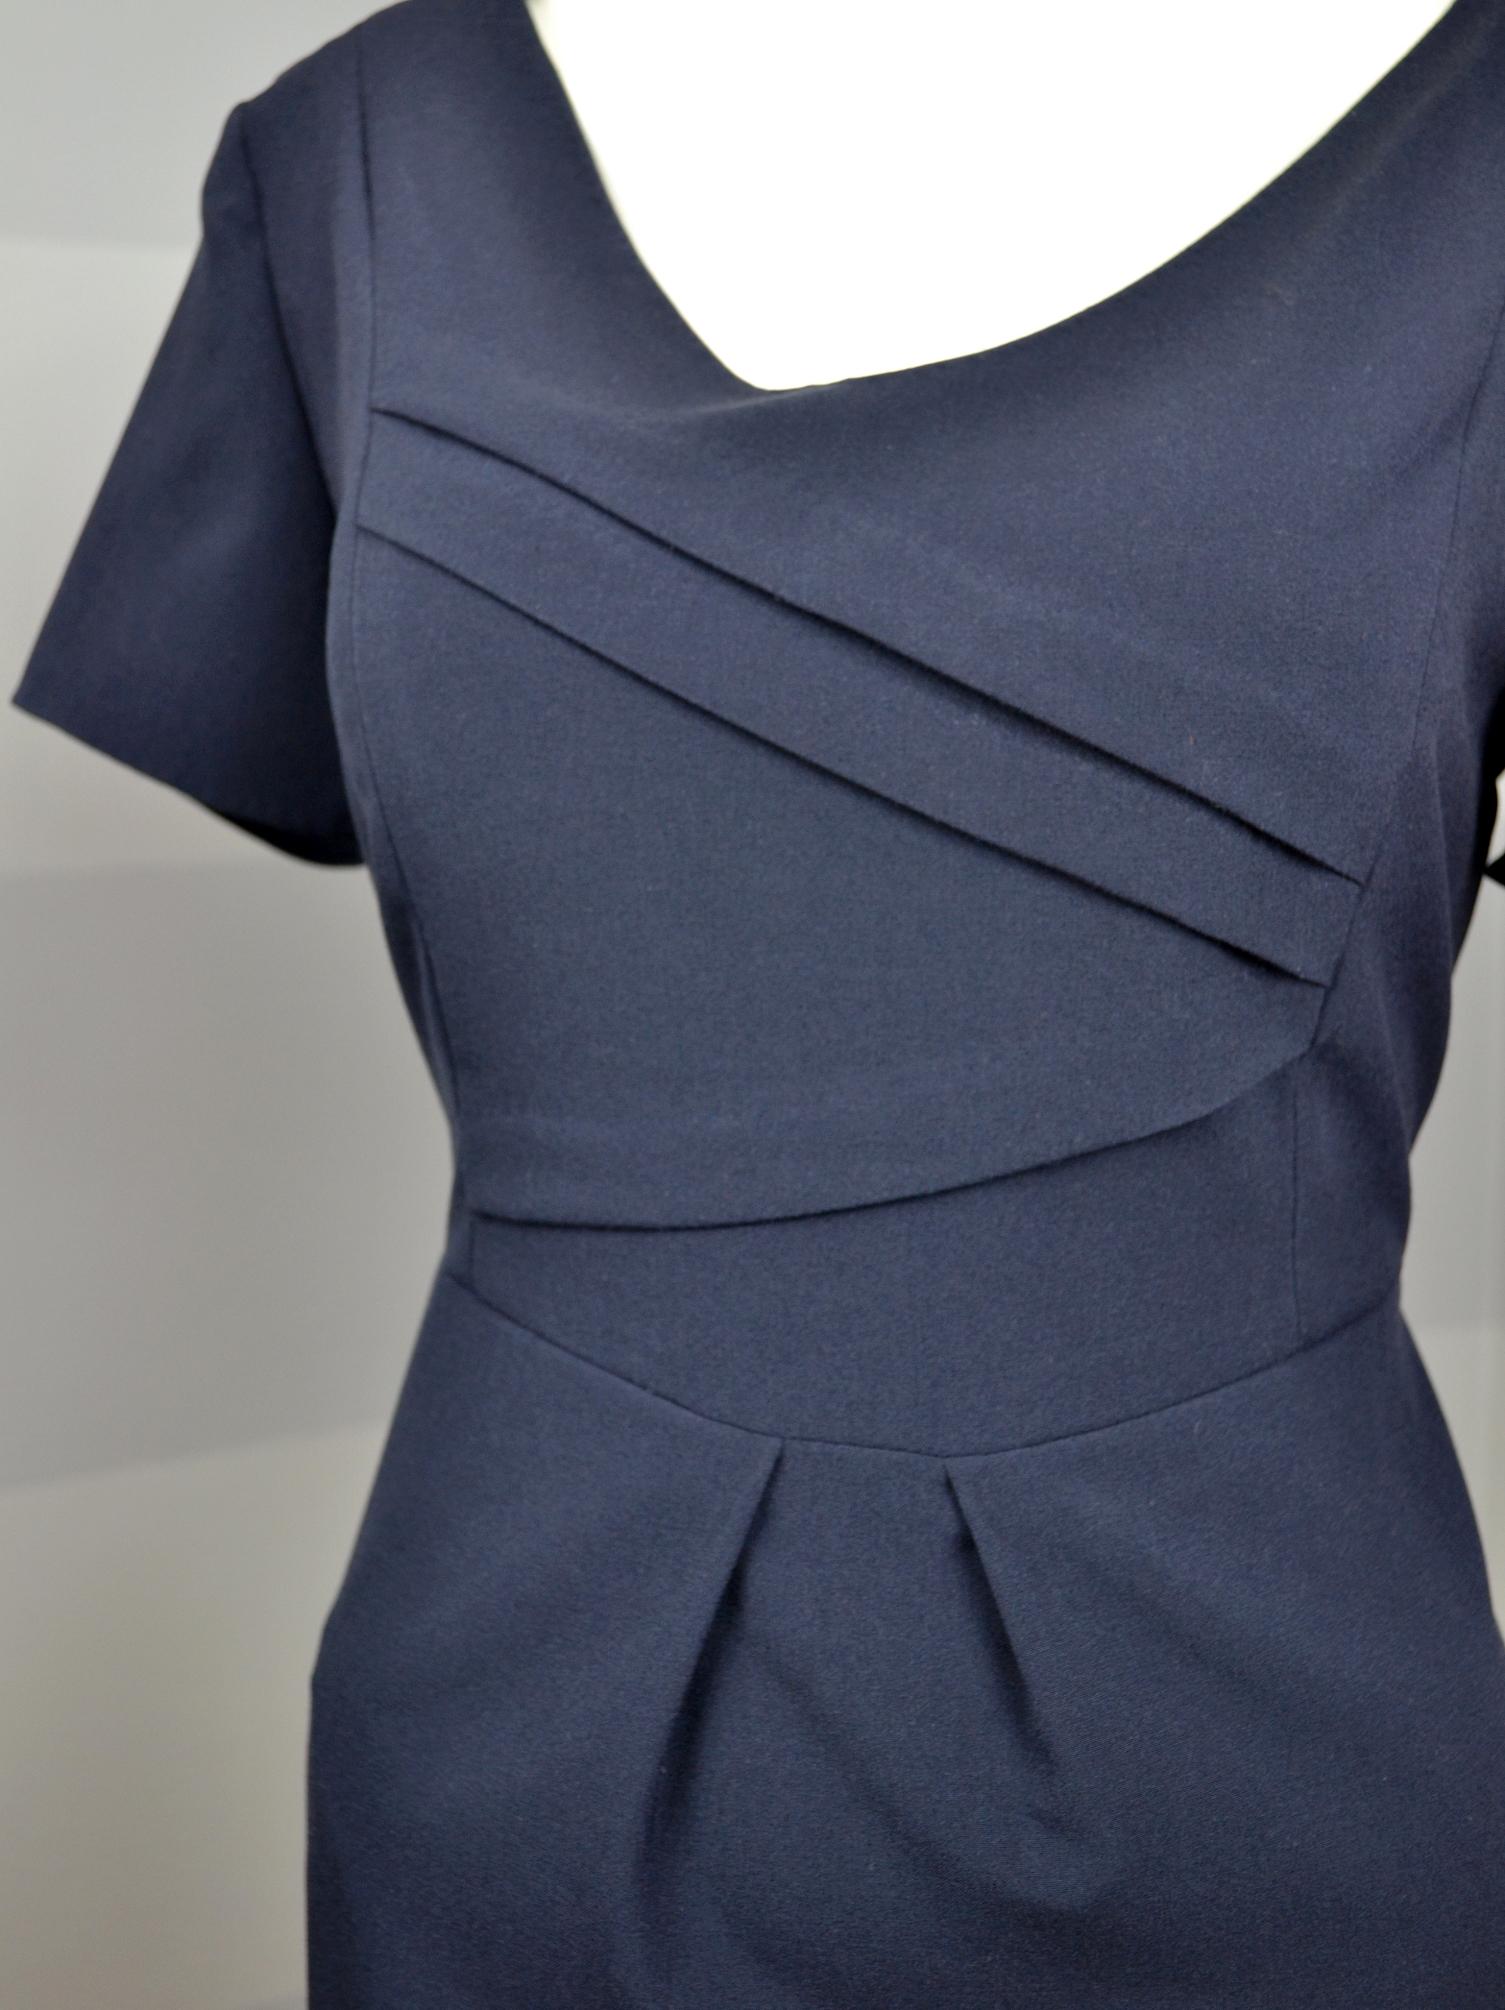 Modré šaty spřeklady